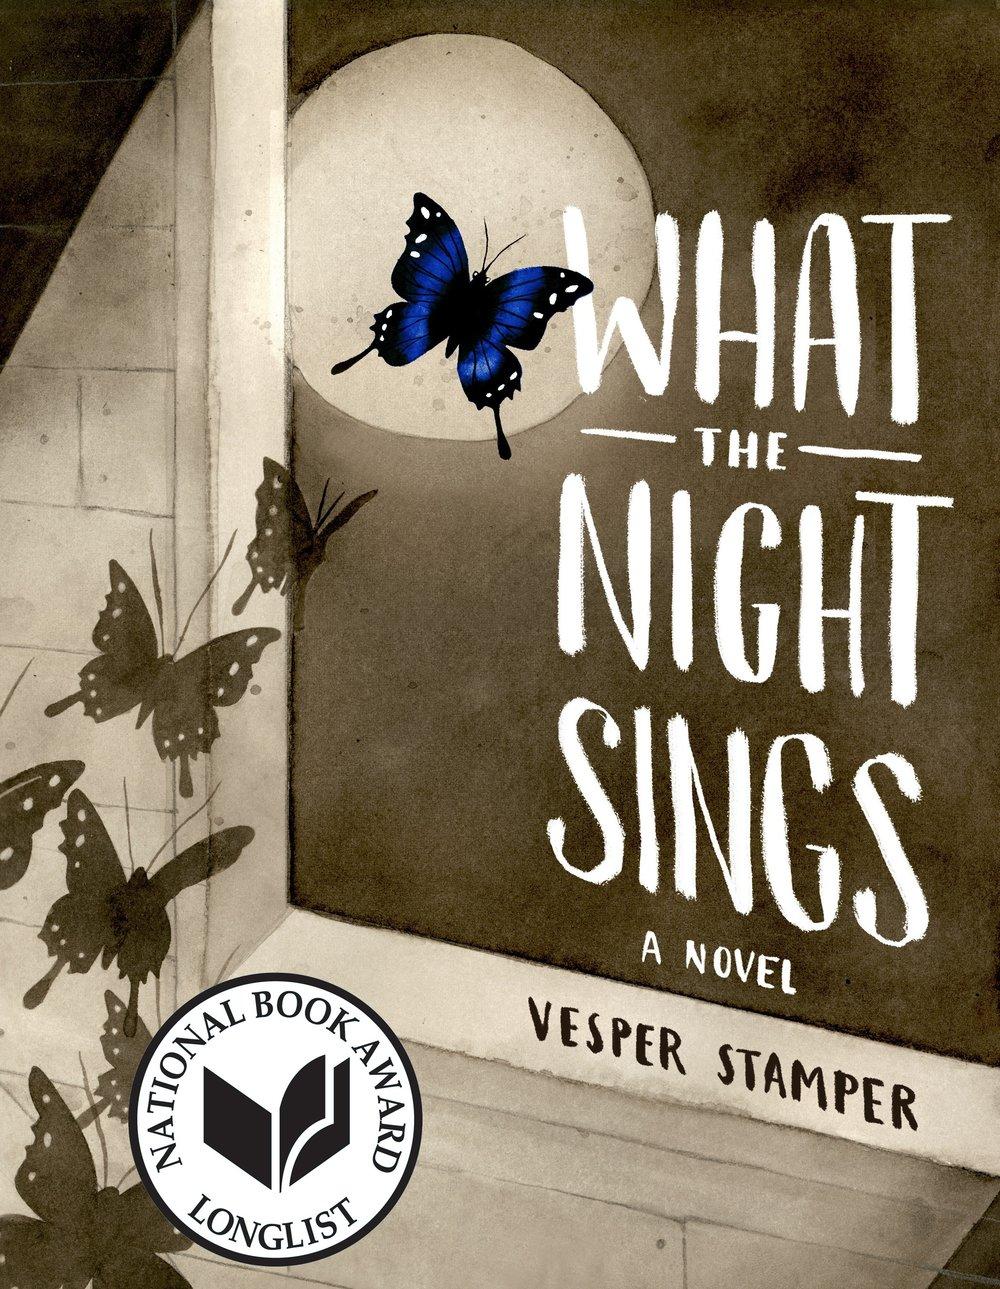 Stamper, Vesper 2018_02 WHAT THE NIGHT SINGS - YA - RLM LK - NBA Longlist.JPG